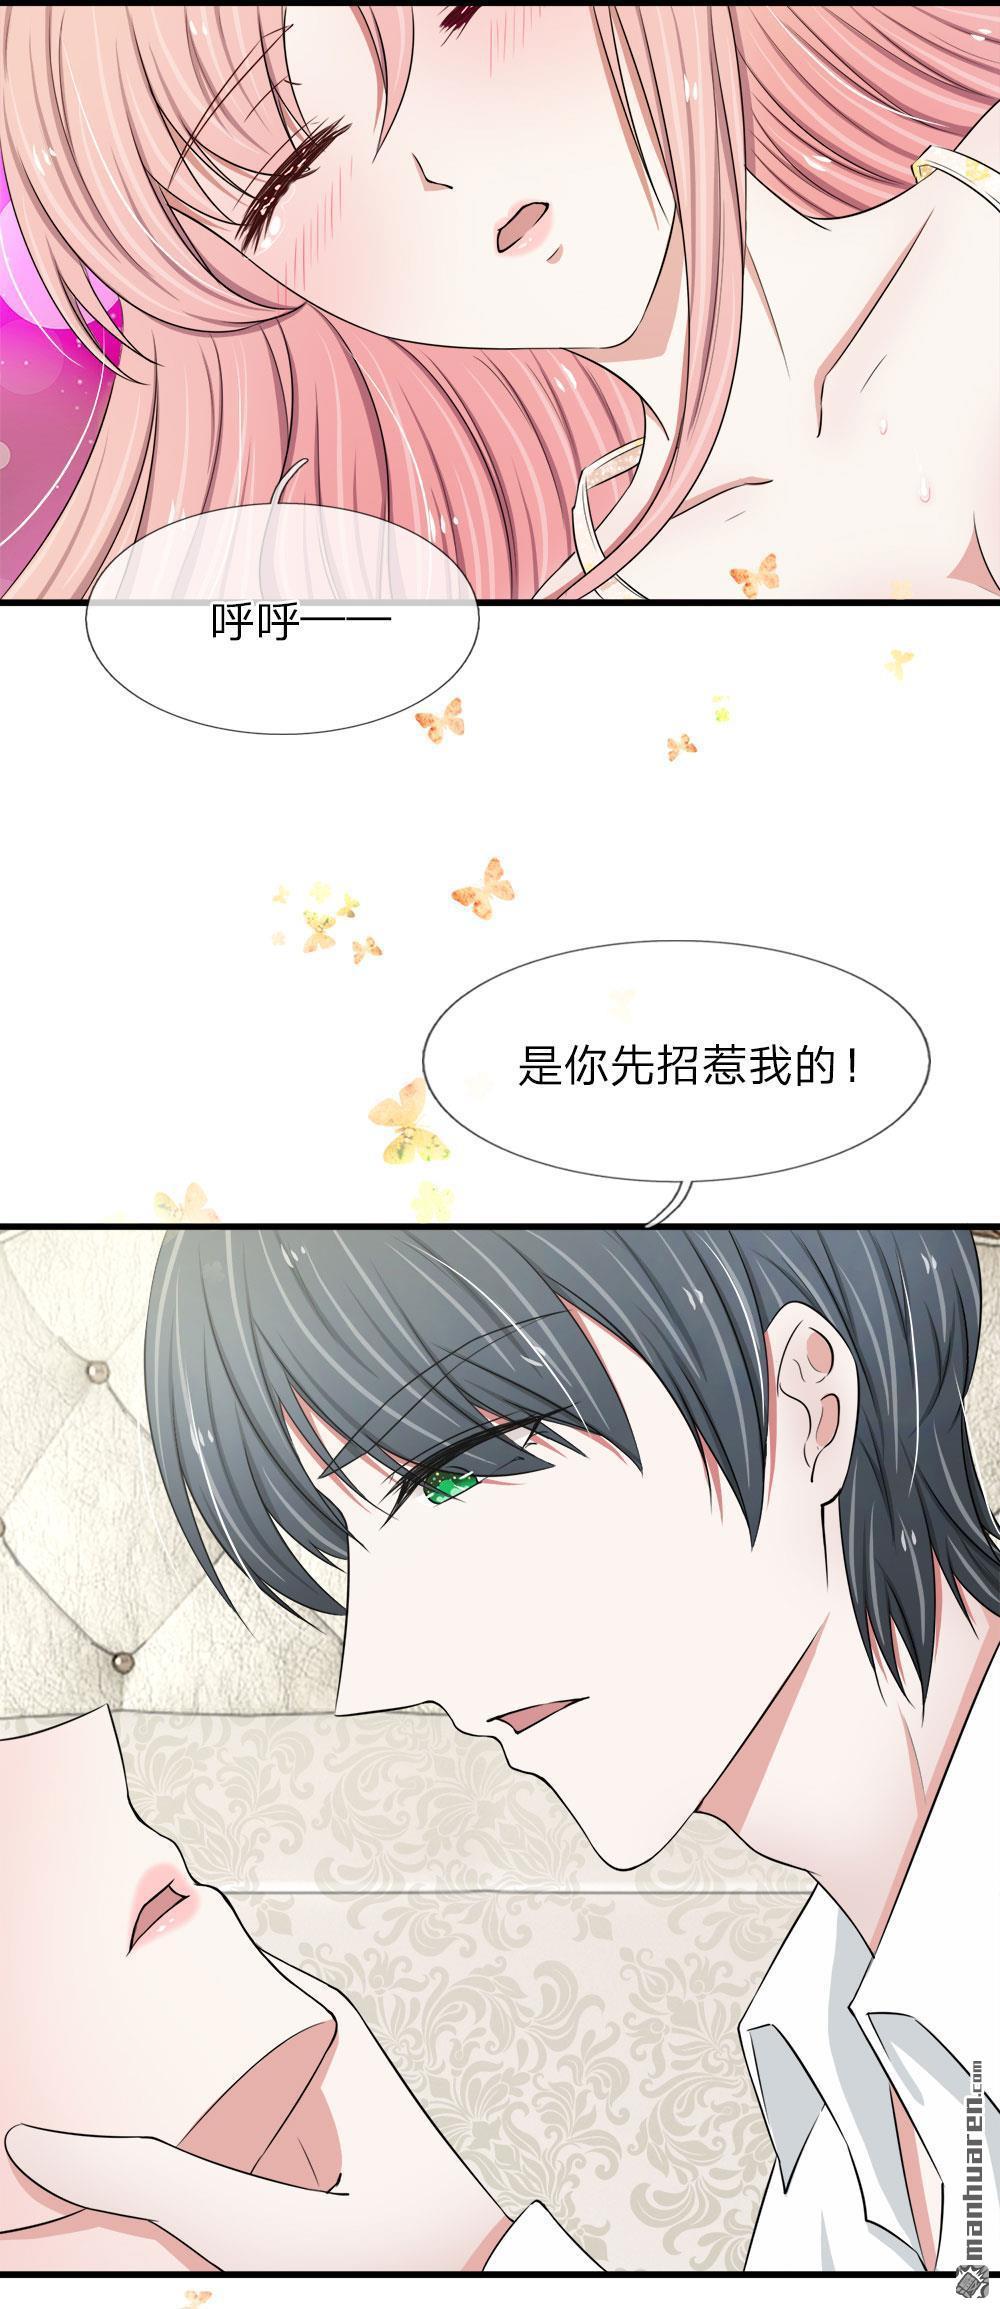 寵你入骨:腹黑老公放開我第24回(11P)(第1頁)劇情-奴奴漫畫